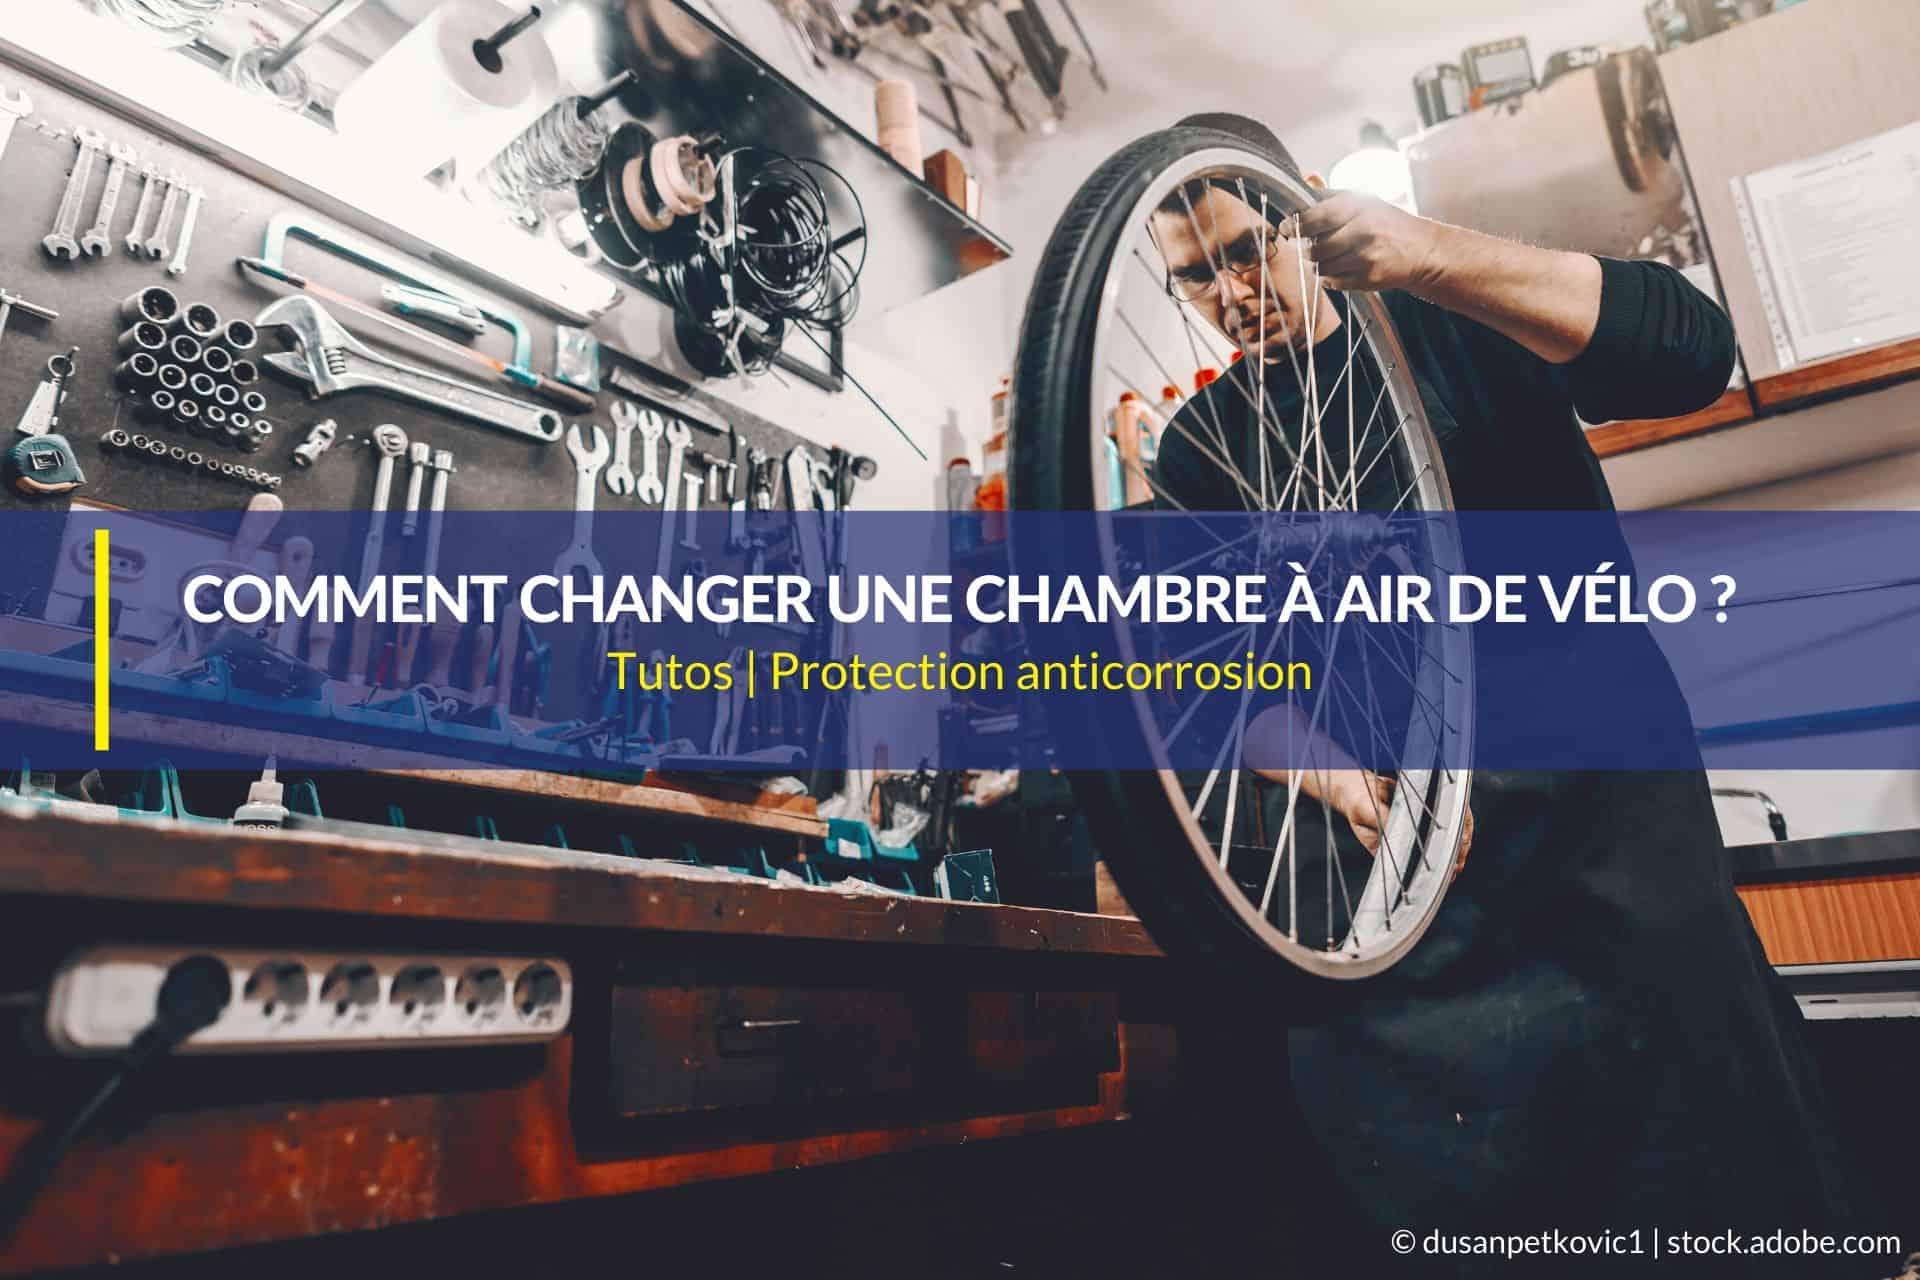 comment changer une chambre à air de vélo